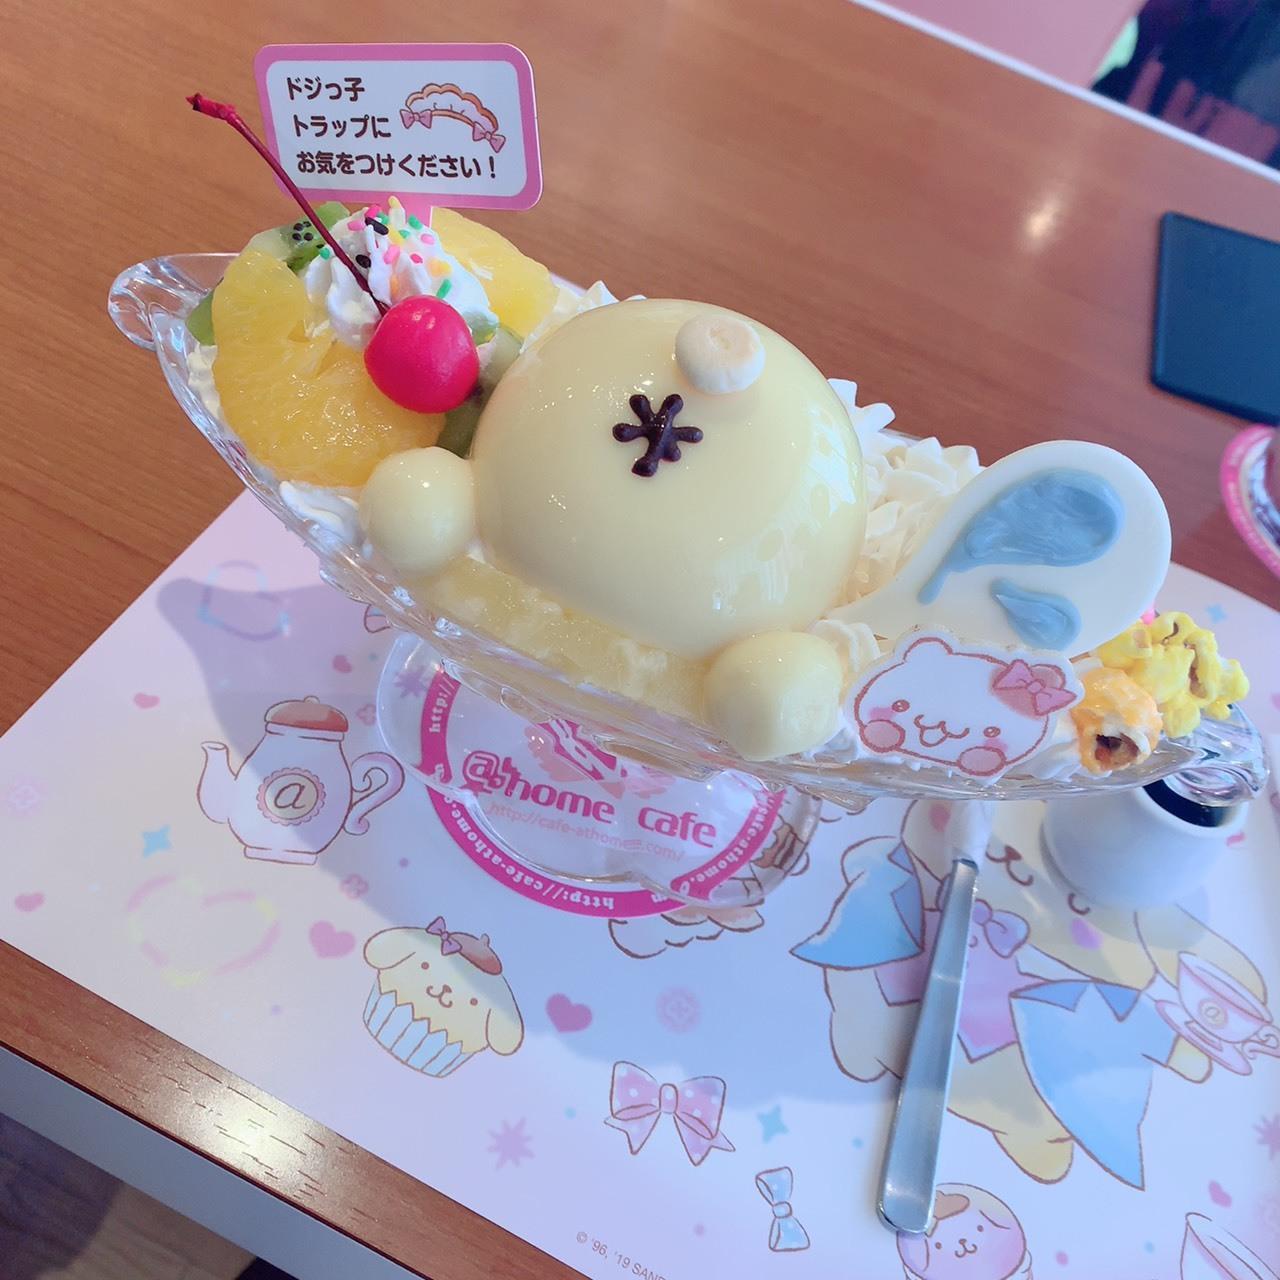 期間限定のポムポムプリン×@ほぉ~むカフェが可愛すぎる!!_1_2